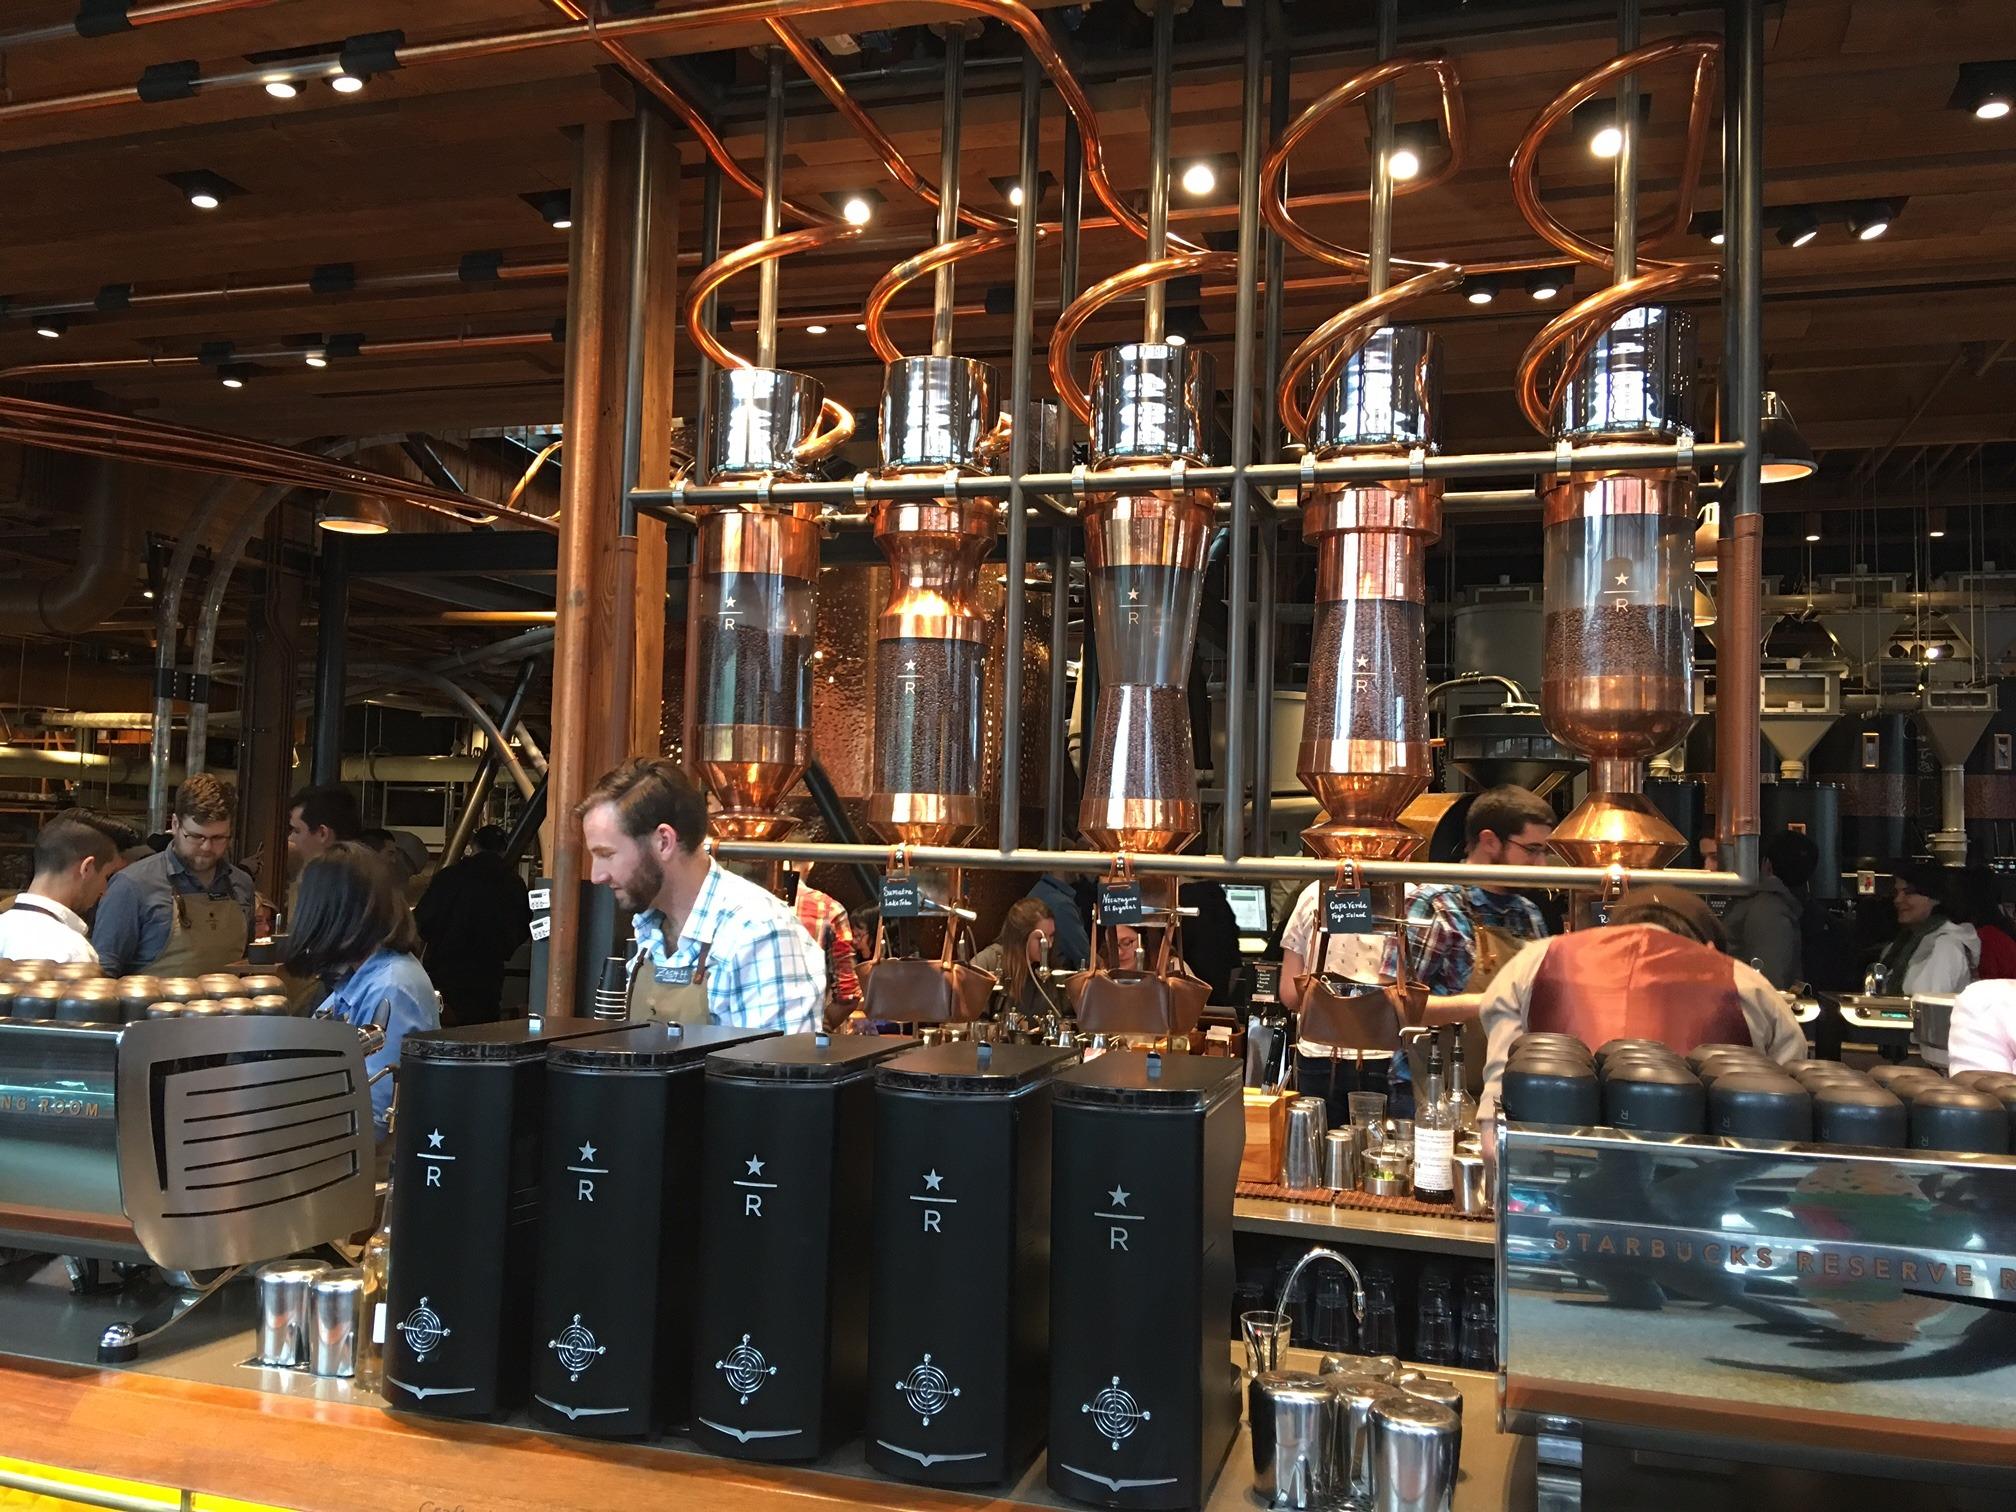 Starbucks Reserve Roastery and Tasting Room é exclusividade de Seattle, onde é possível observar a torra do café e experimentar diversos sabores! Conheça mais opções de passeios em Seattle nesse post!